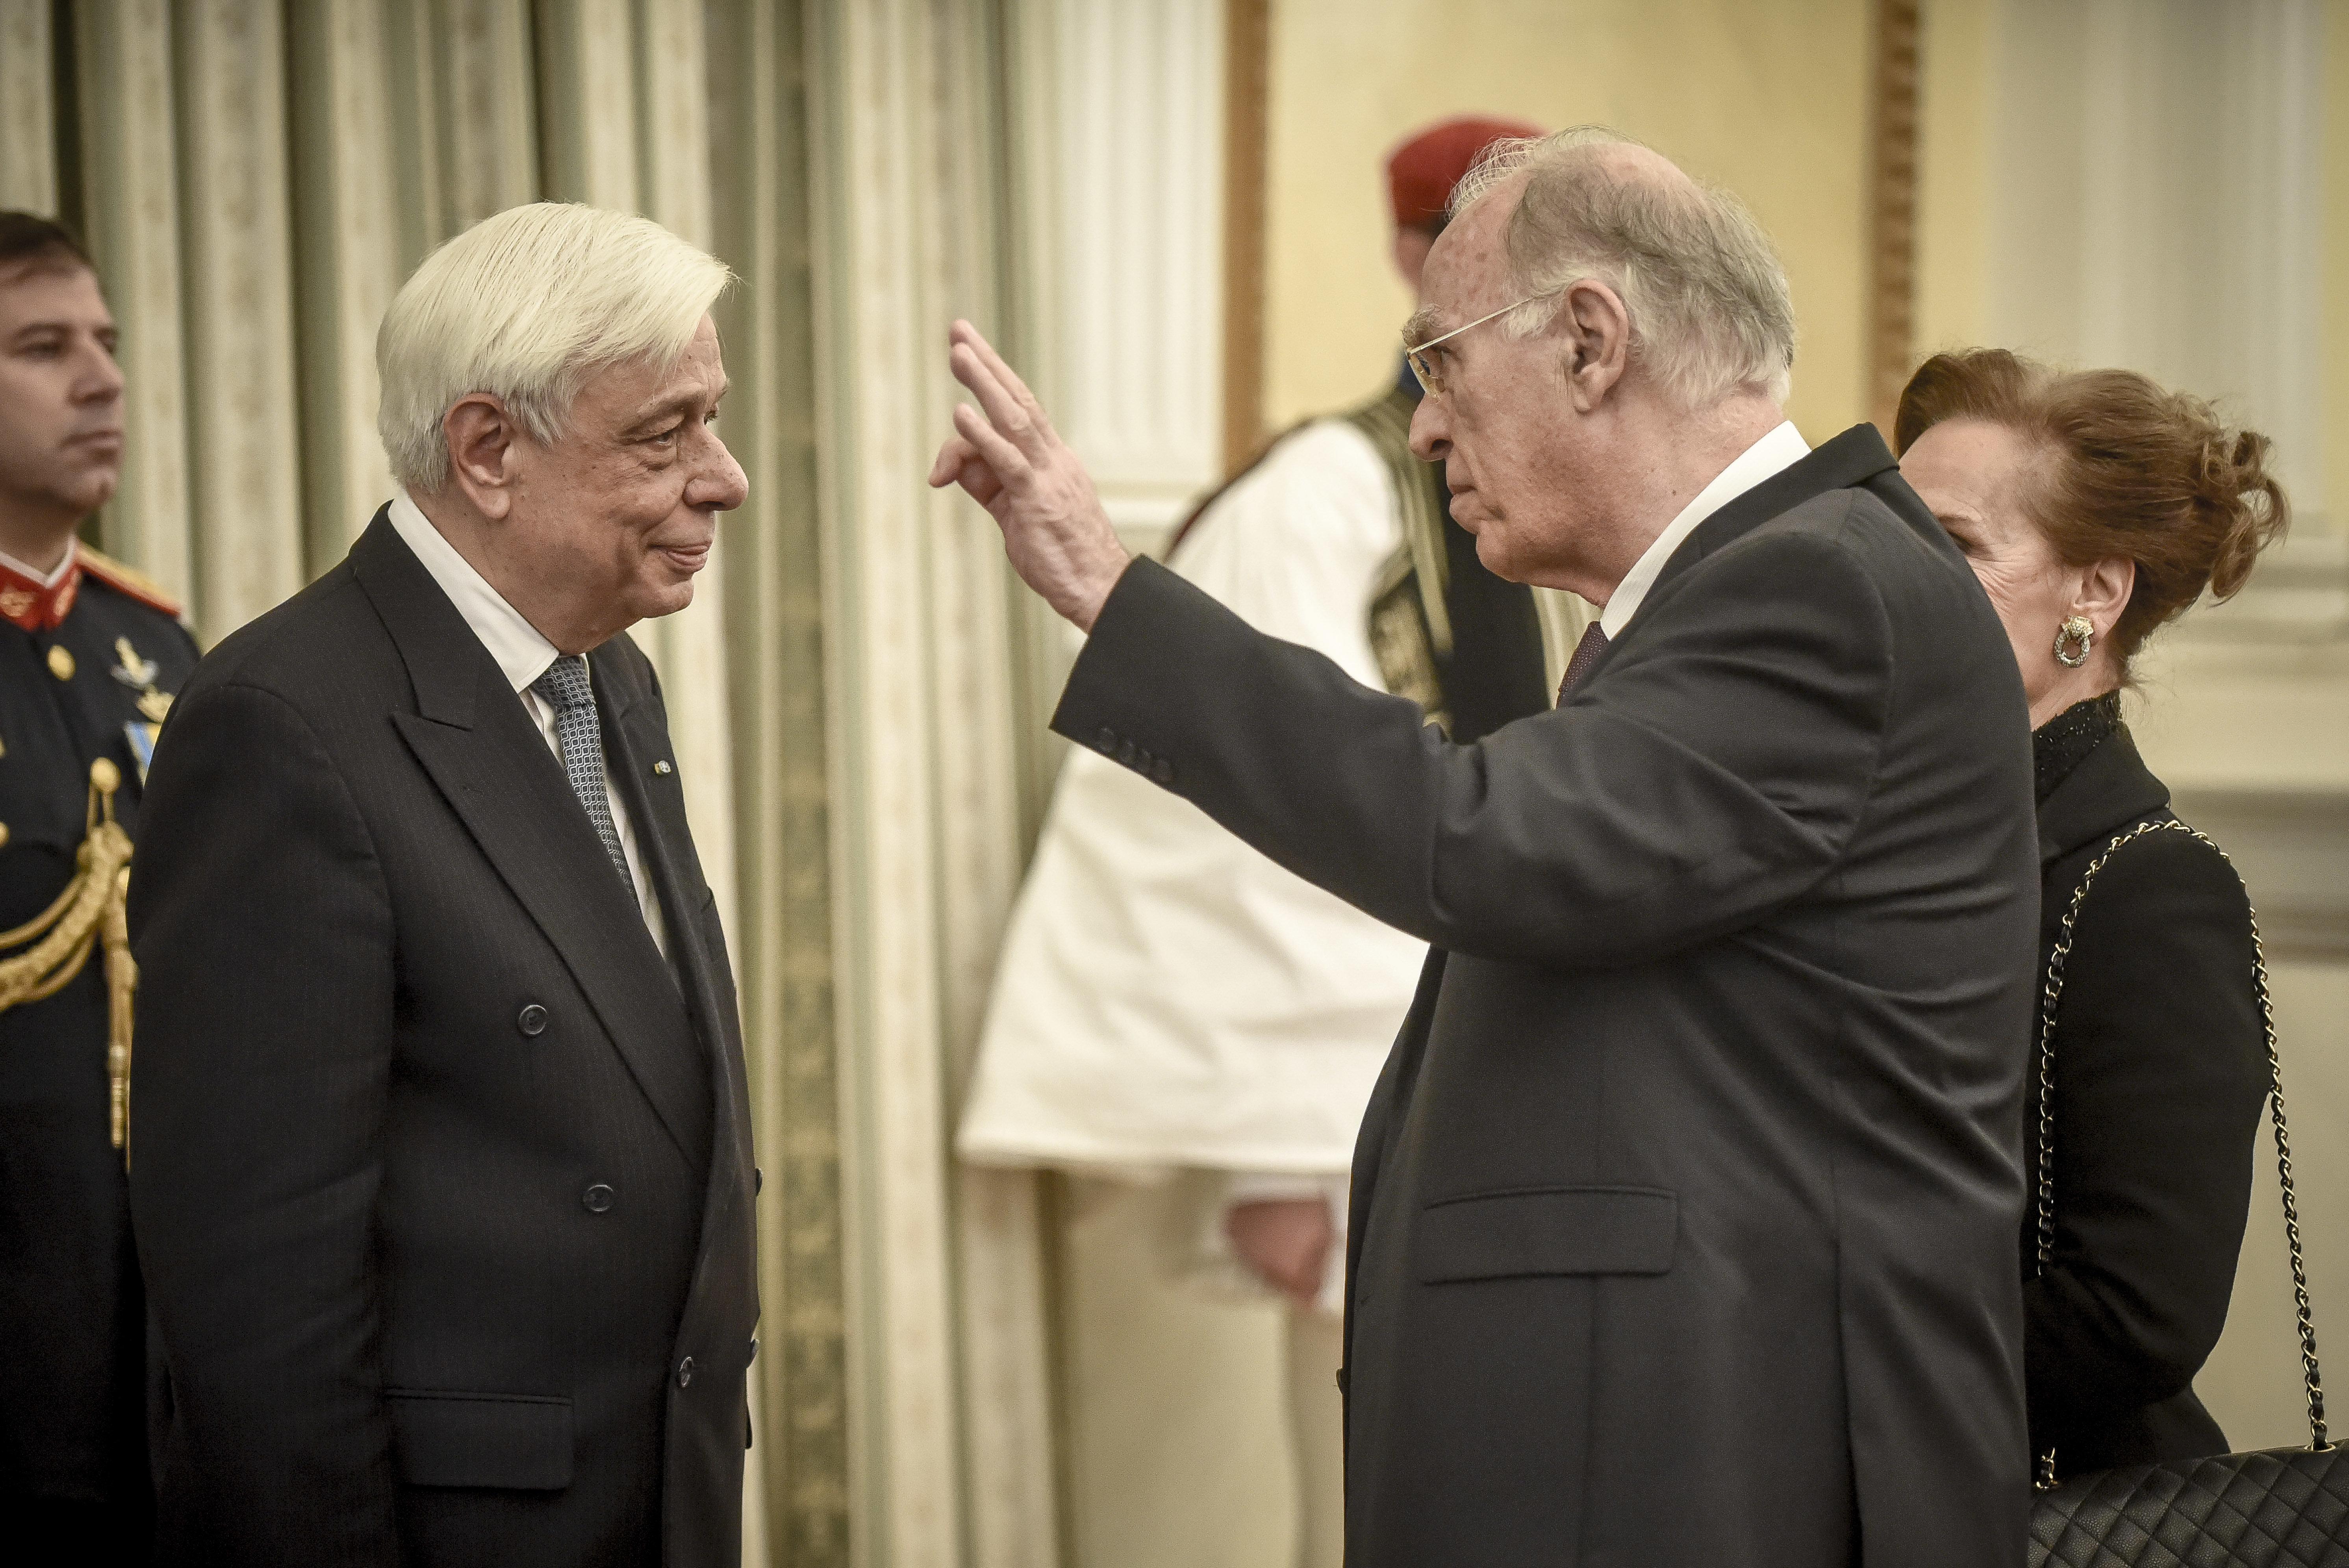 Λεβέντης: Ο Πρόεδρος της Δημοκρατίας να μην υπογράψει και να παραιτηθεί αν δοθεί το όνομα